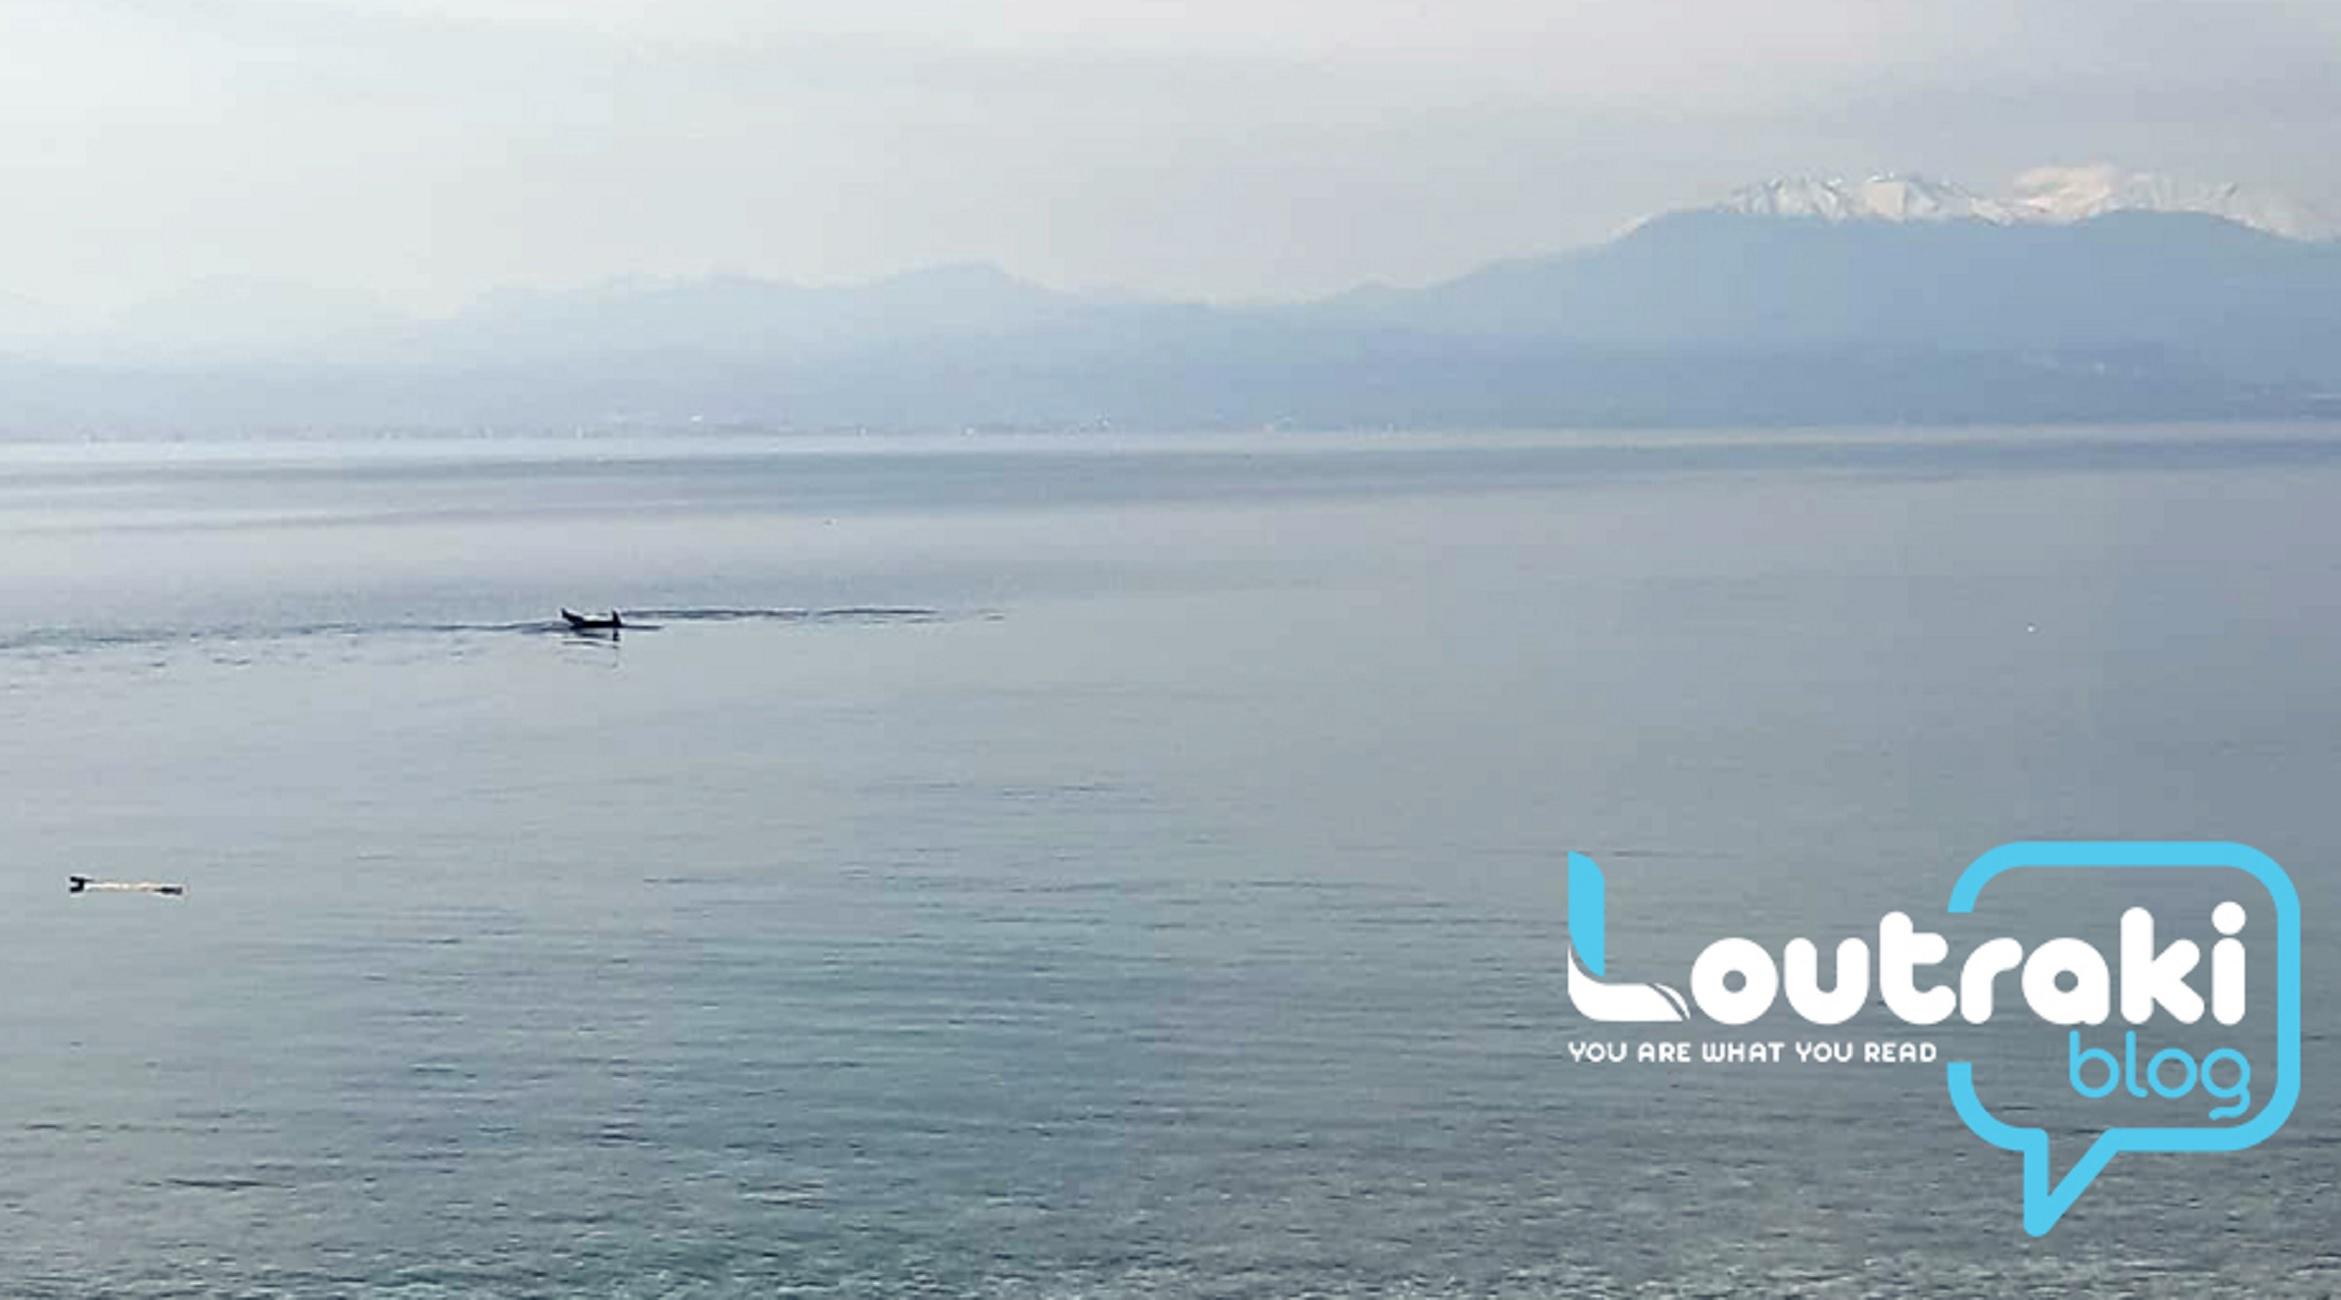 Λουτράκι: Τα δελφίνια βγήκαν στα ρηχά – Τα παιχνίδια τους καθήλωσαν μικρούς και μεγάλους (video)